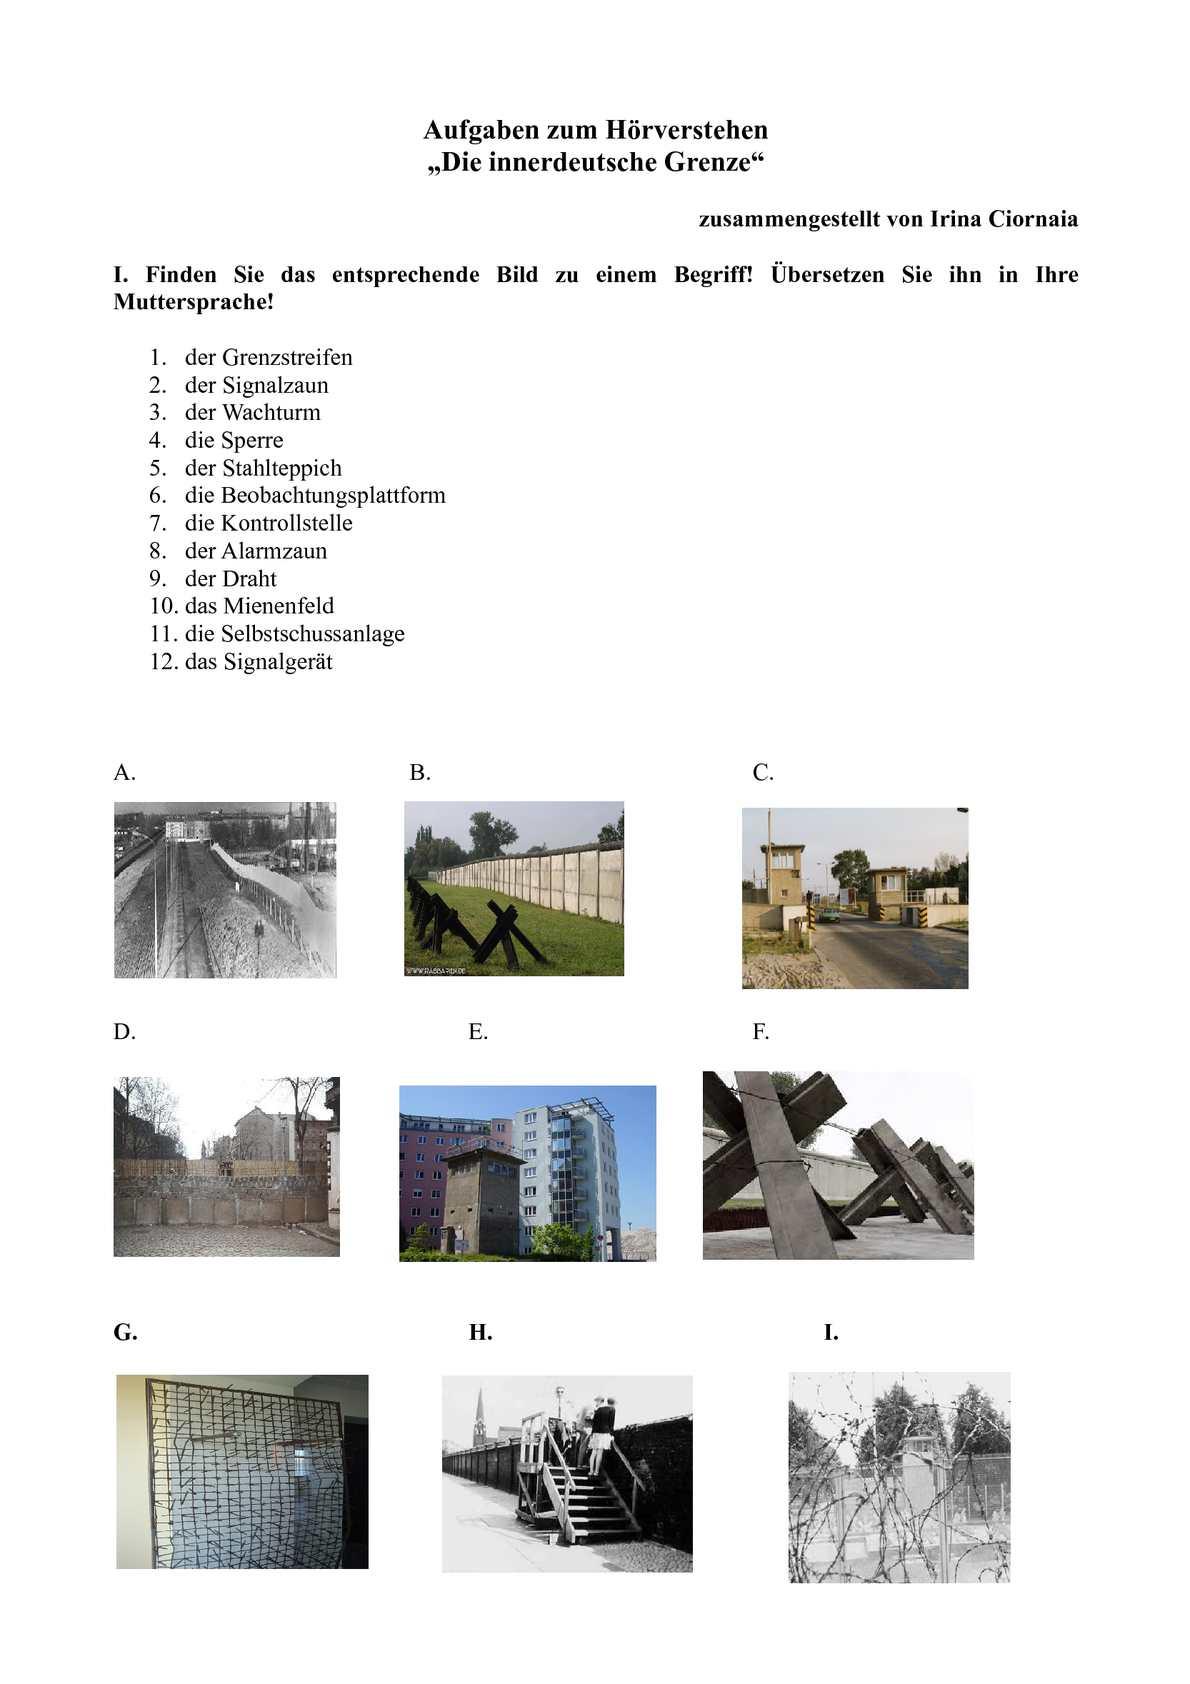 Gemütlich Wofür Wird 14 3 Draht Verwendet Fotos - Der Schaltplan ...